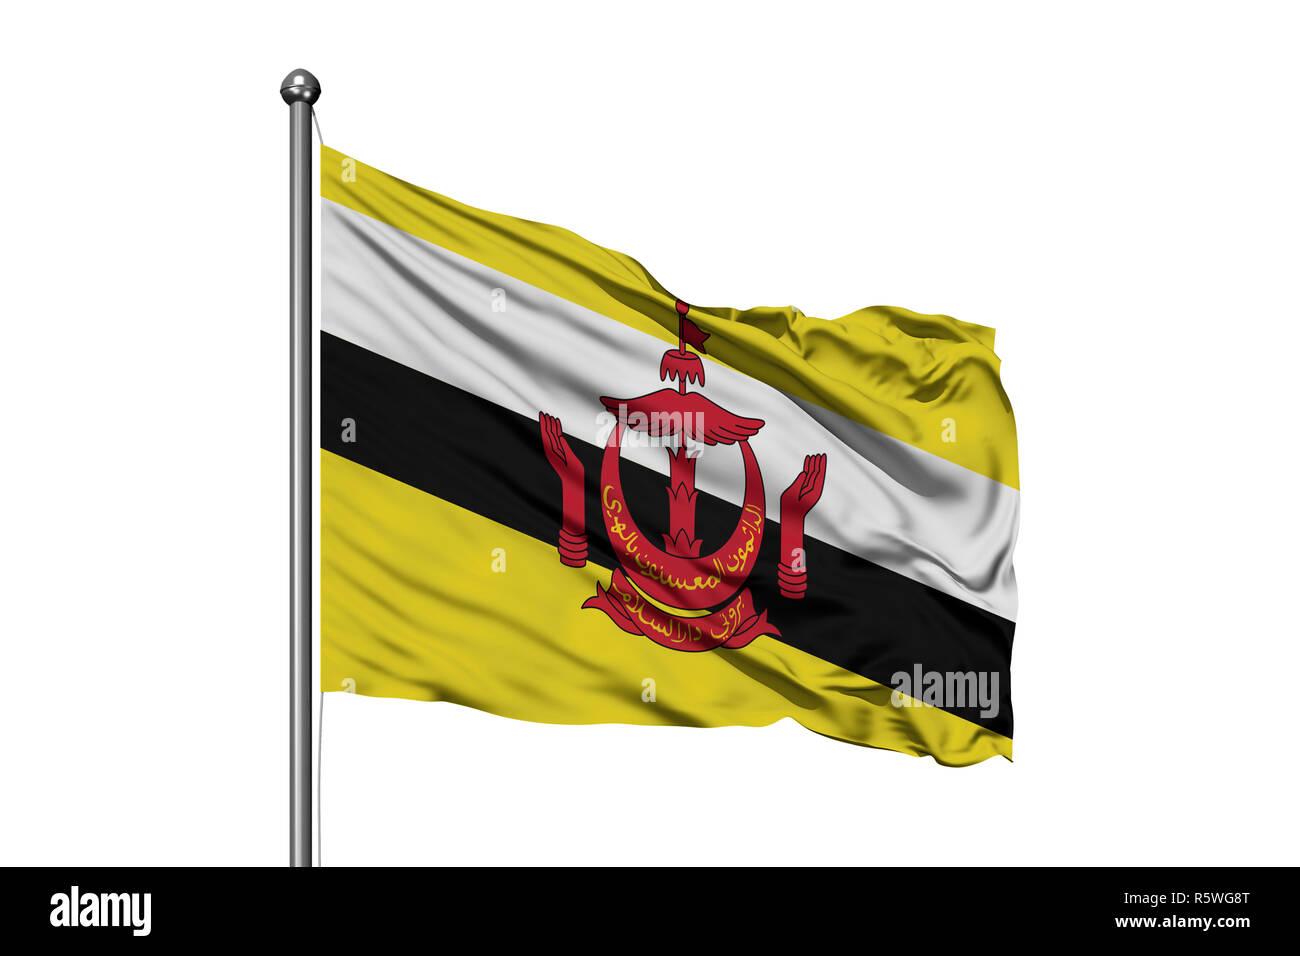 Bandiera del Brunei sventolare nel vento, isolato sullo sfondo bianco. Bruneian bandiera. Immagini Stock